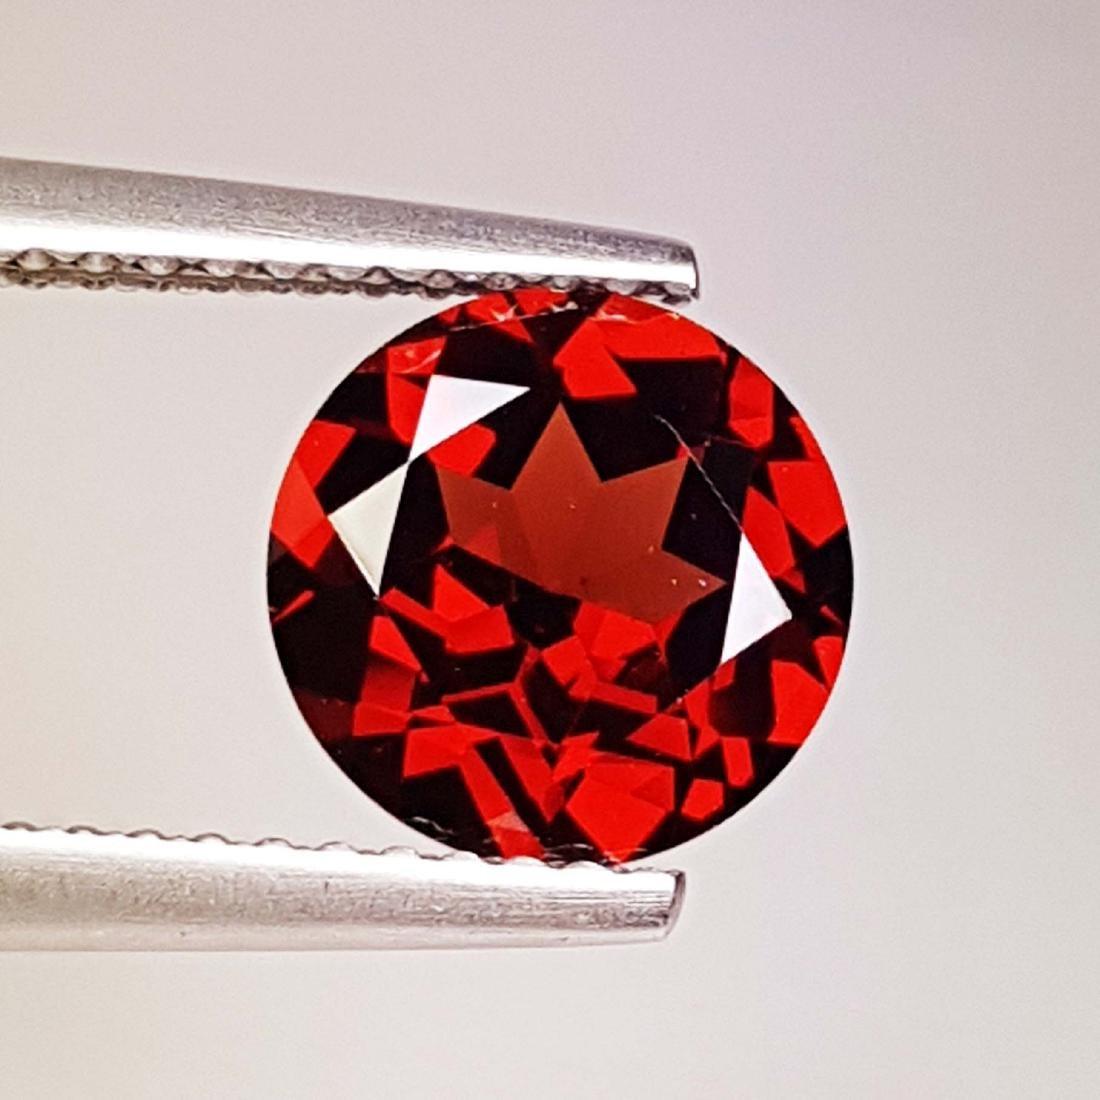 Fantastic Natural Pyrope - Almandite Red Garnet - 2.61